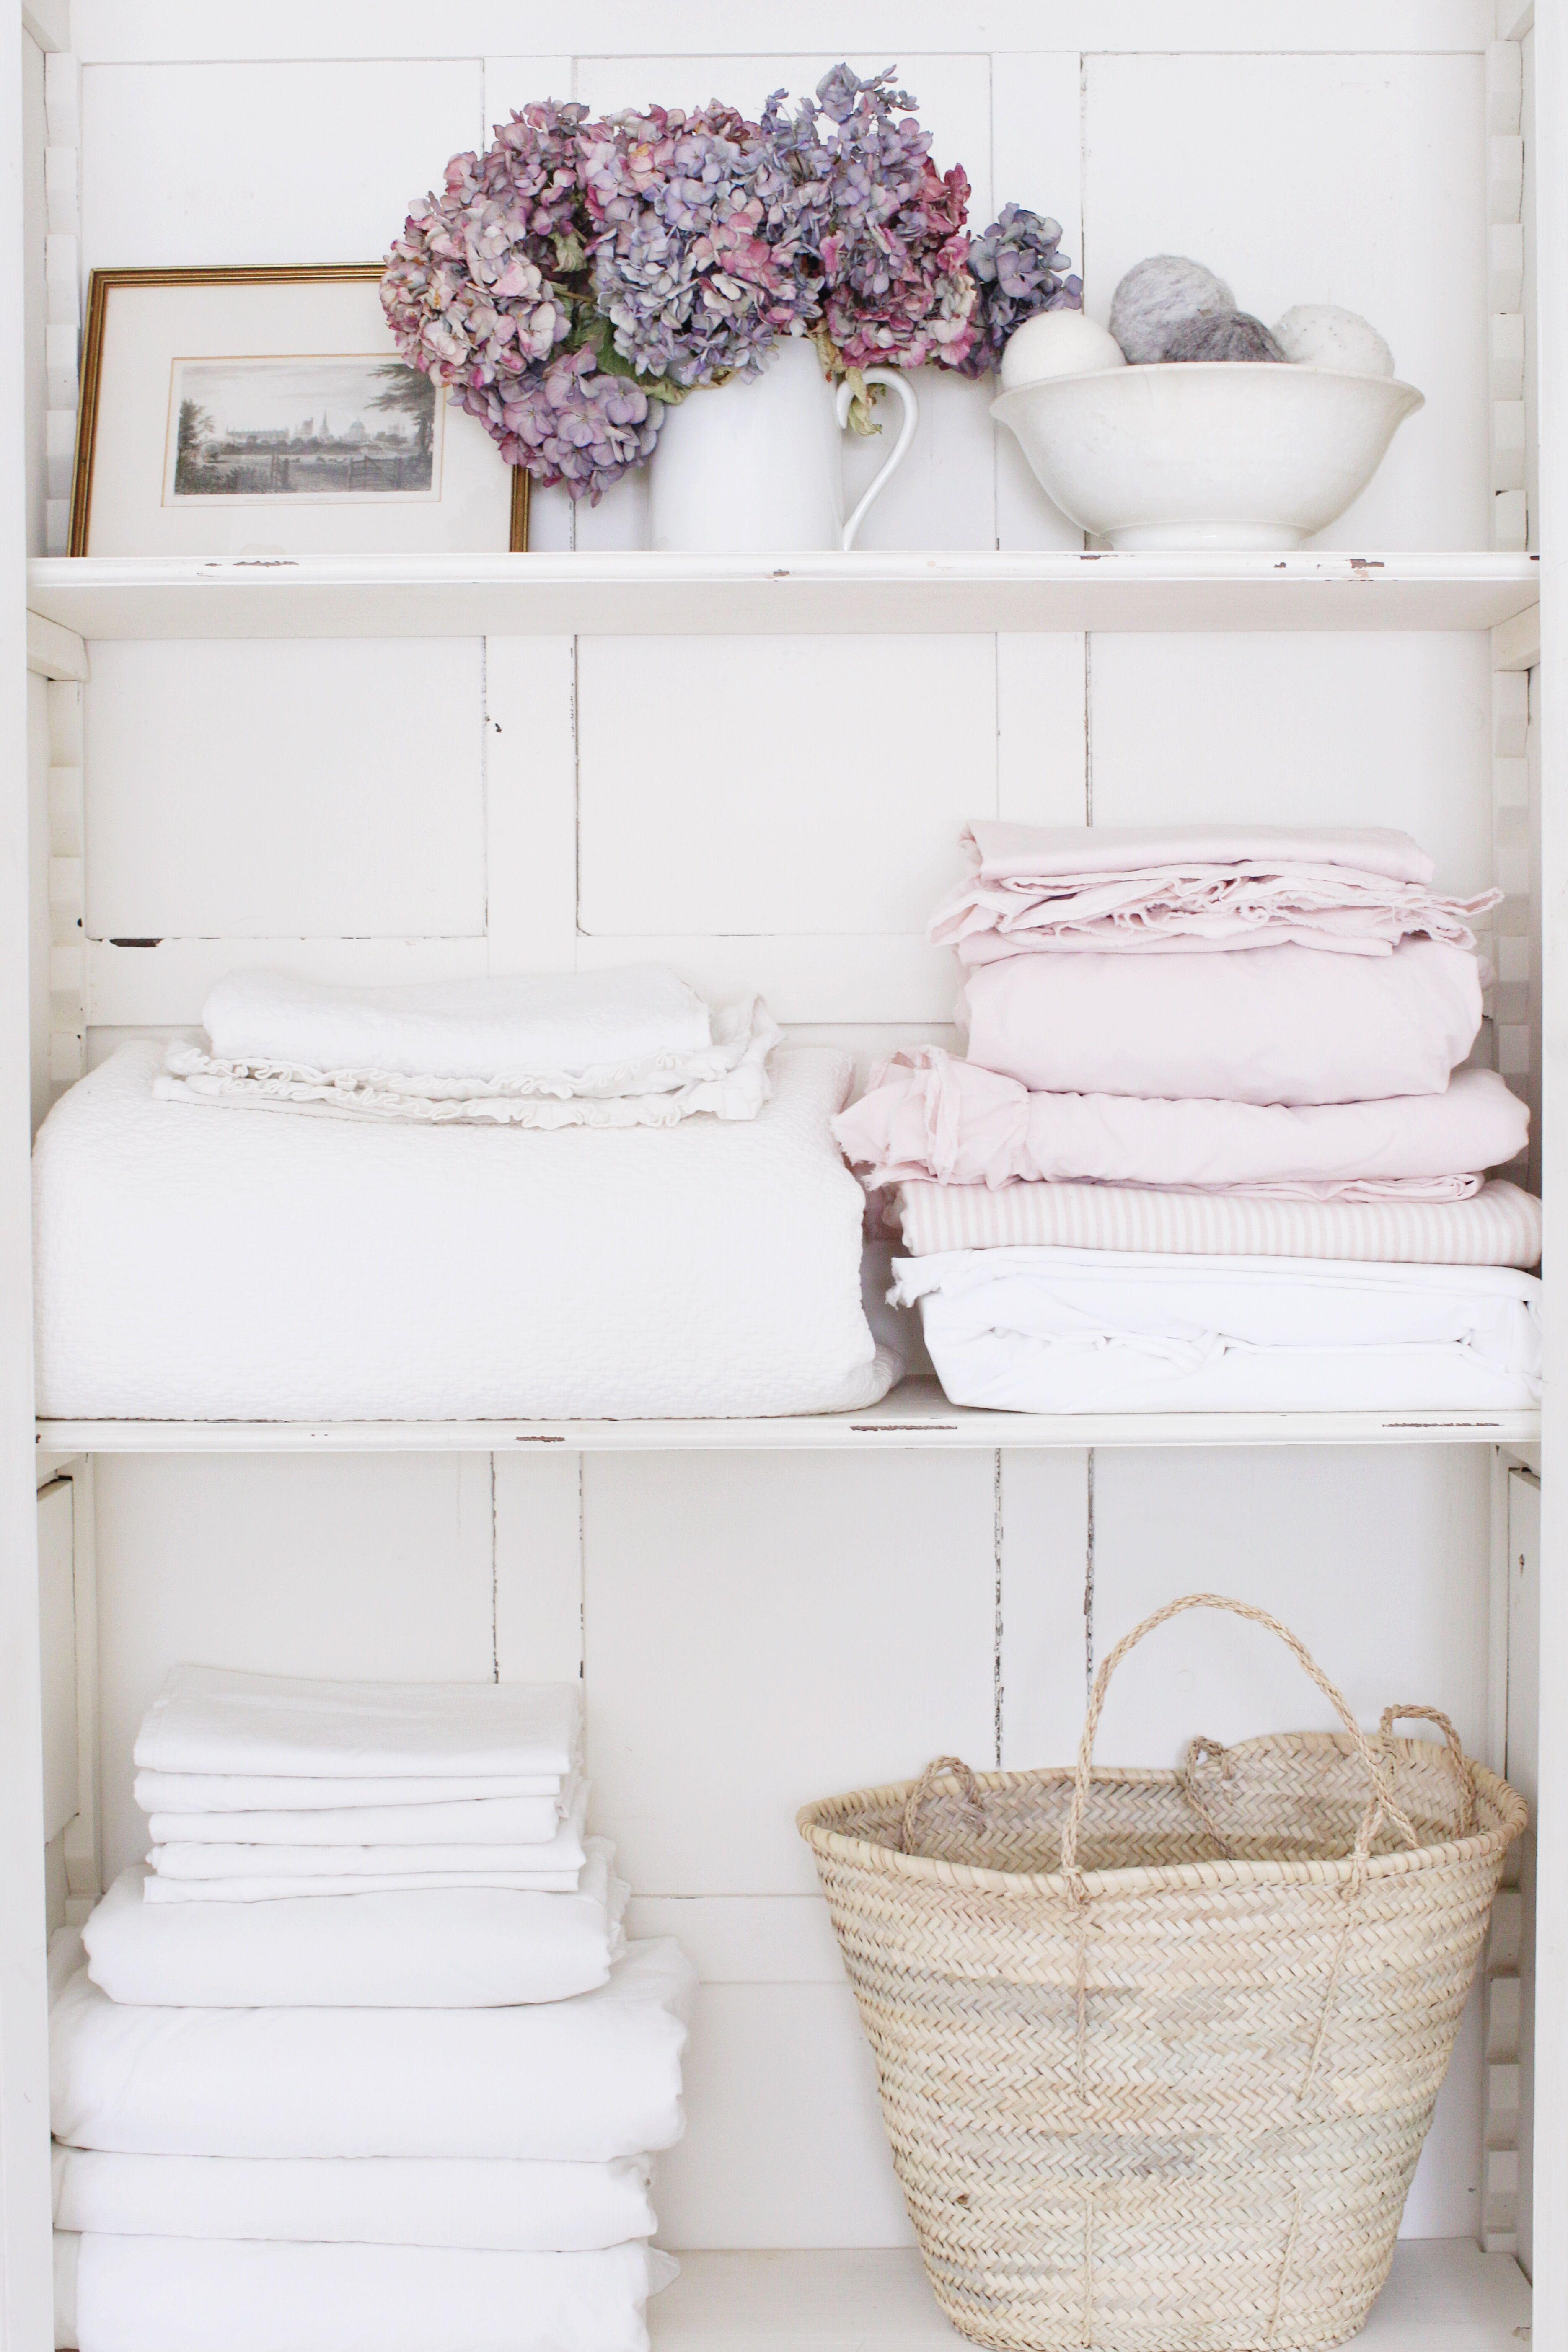 Antique cream linen cupboard with buffalo check wallpaper